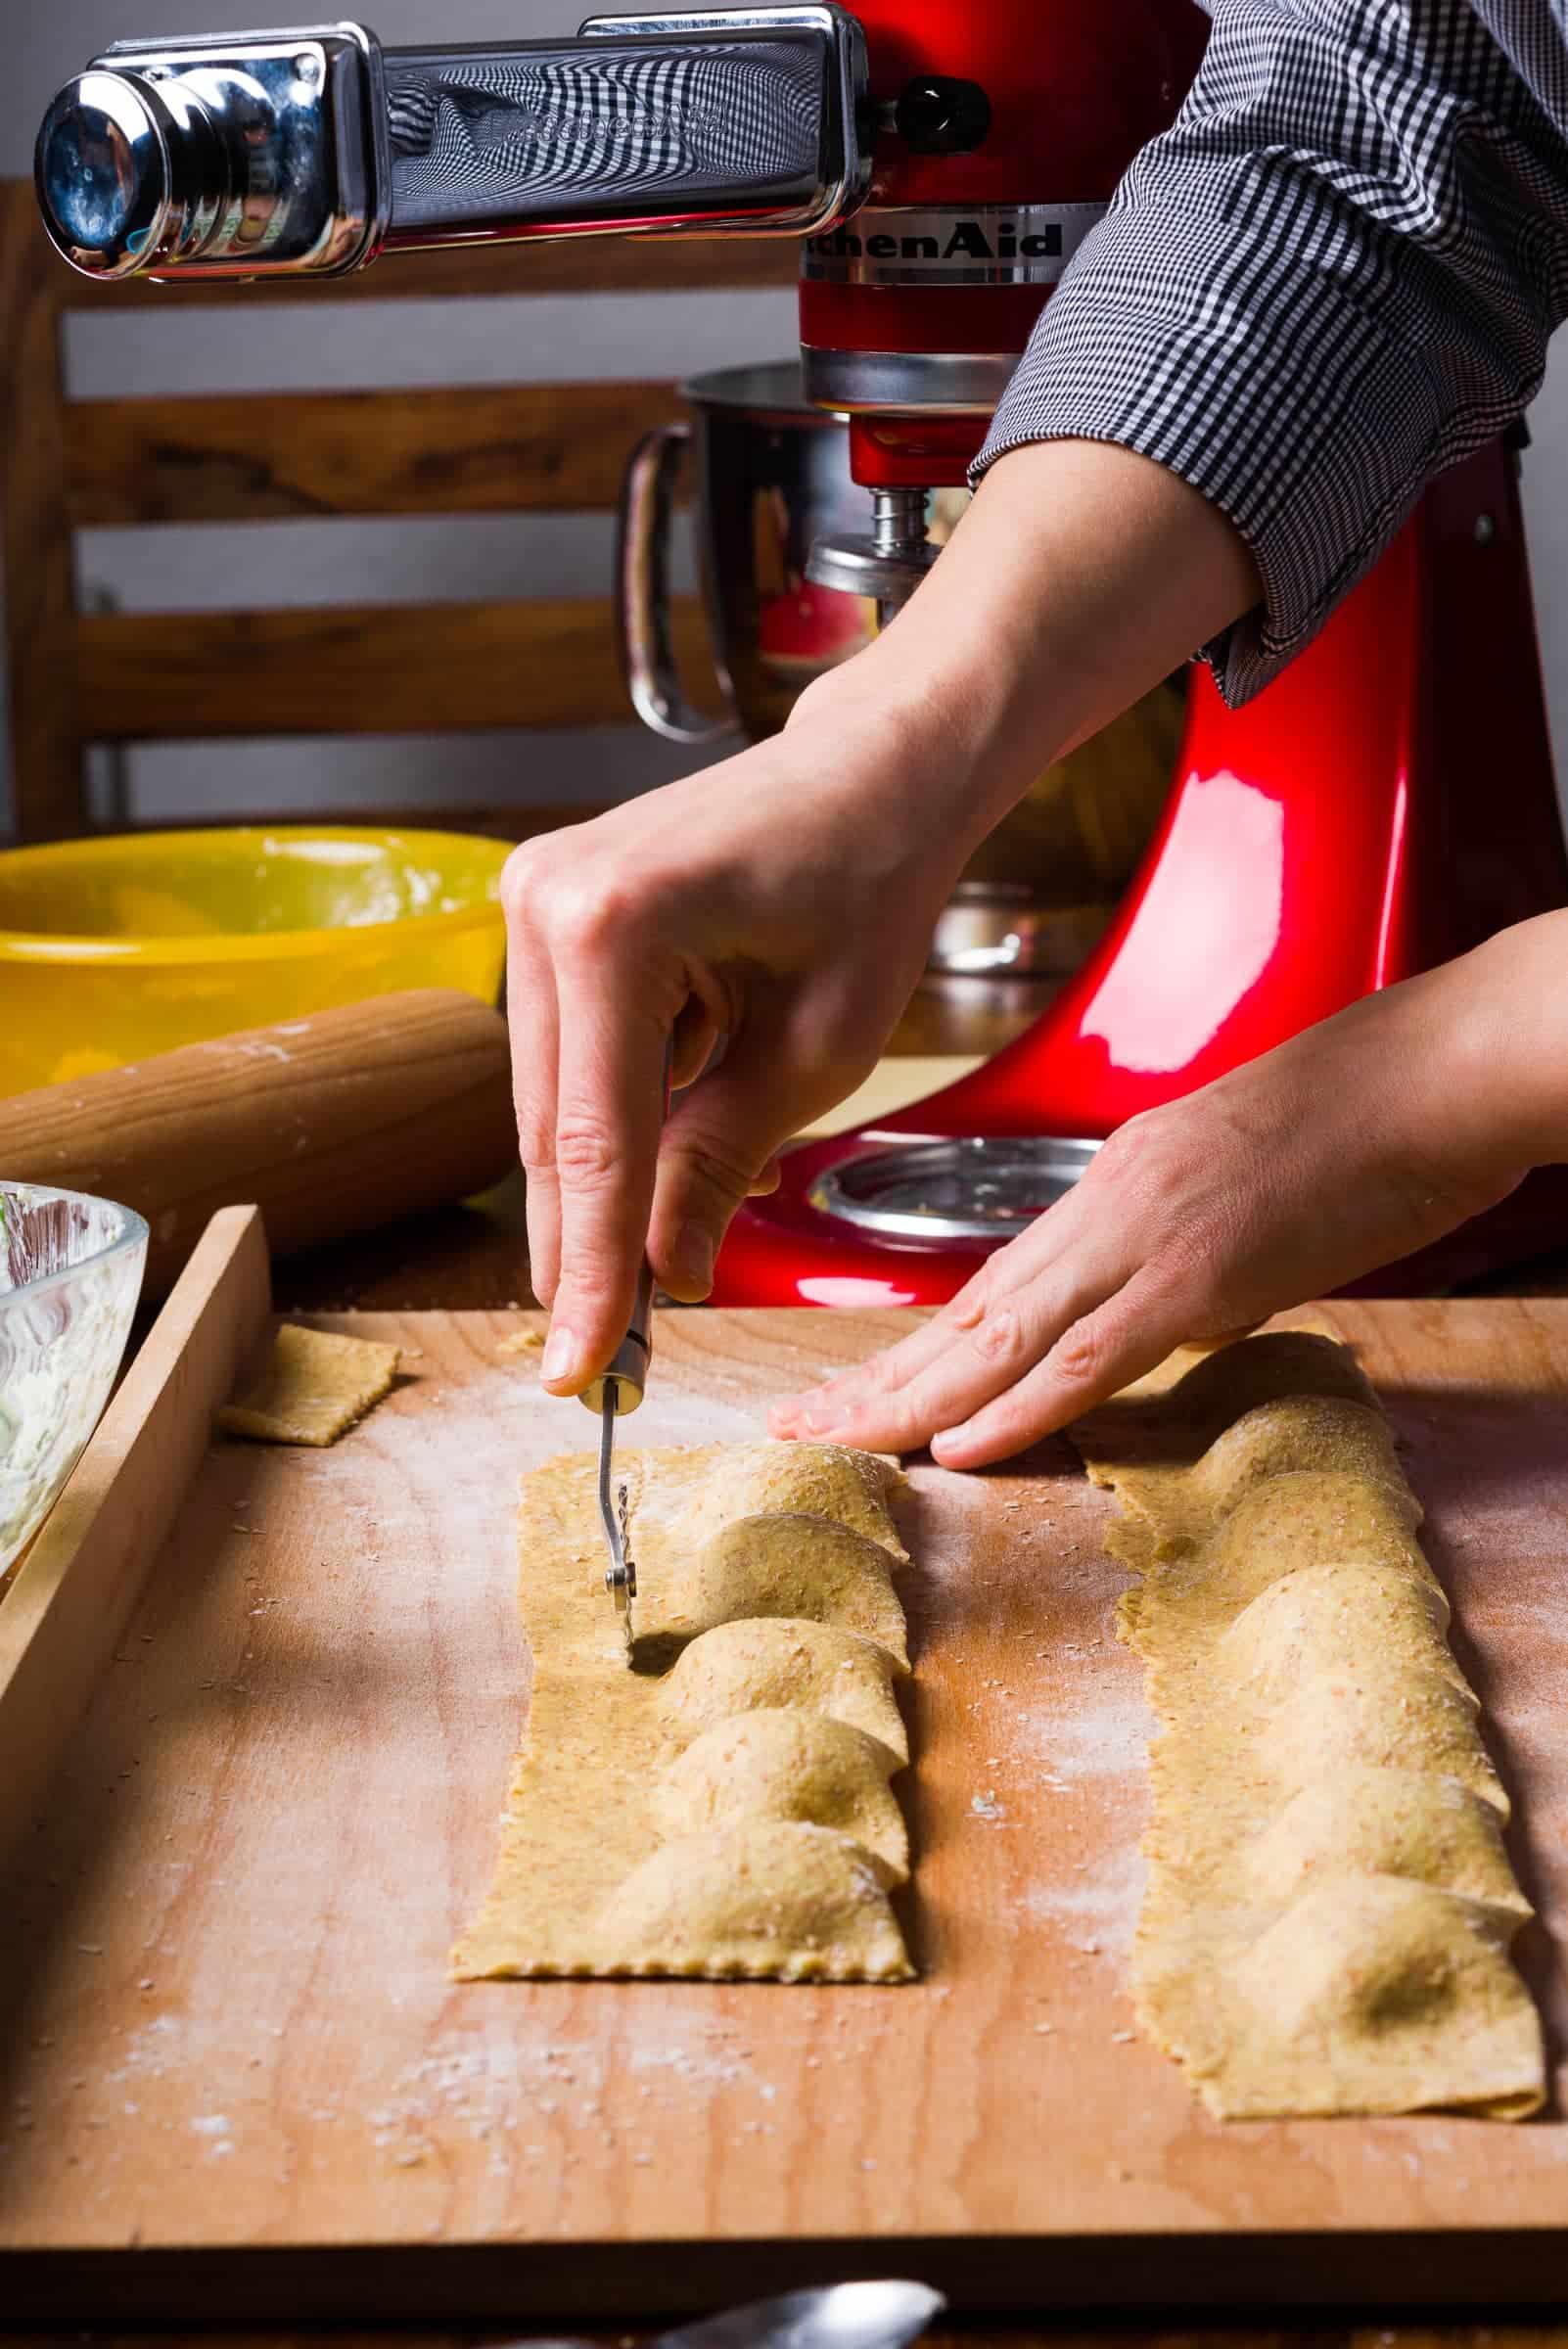 Ravioli con ricotta e spinaci ricetta GnamAm.com preparazione 11